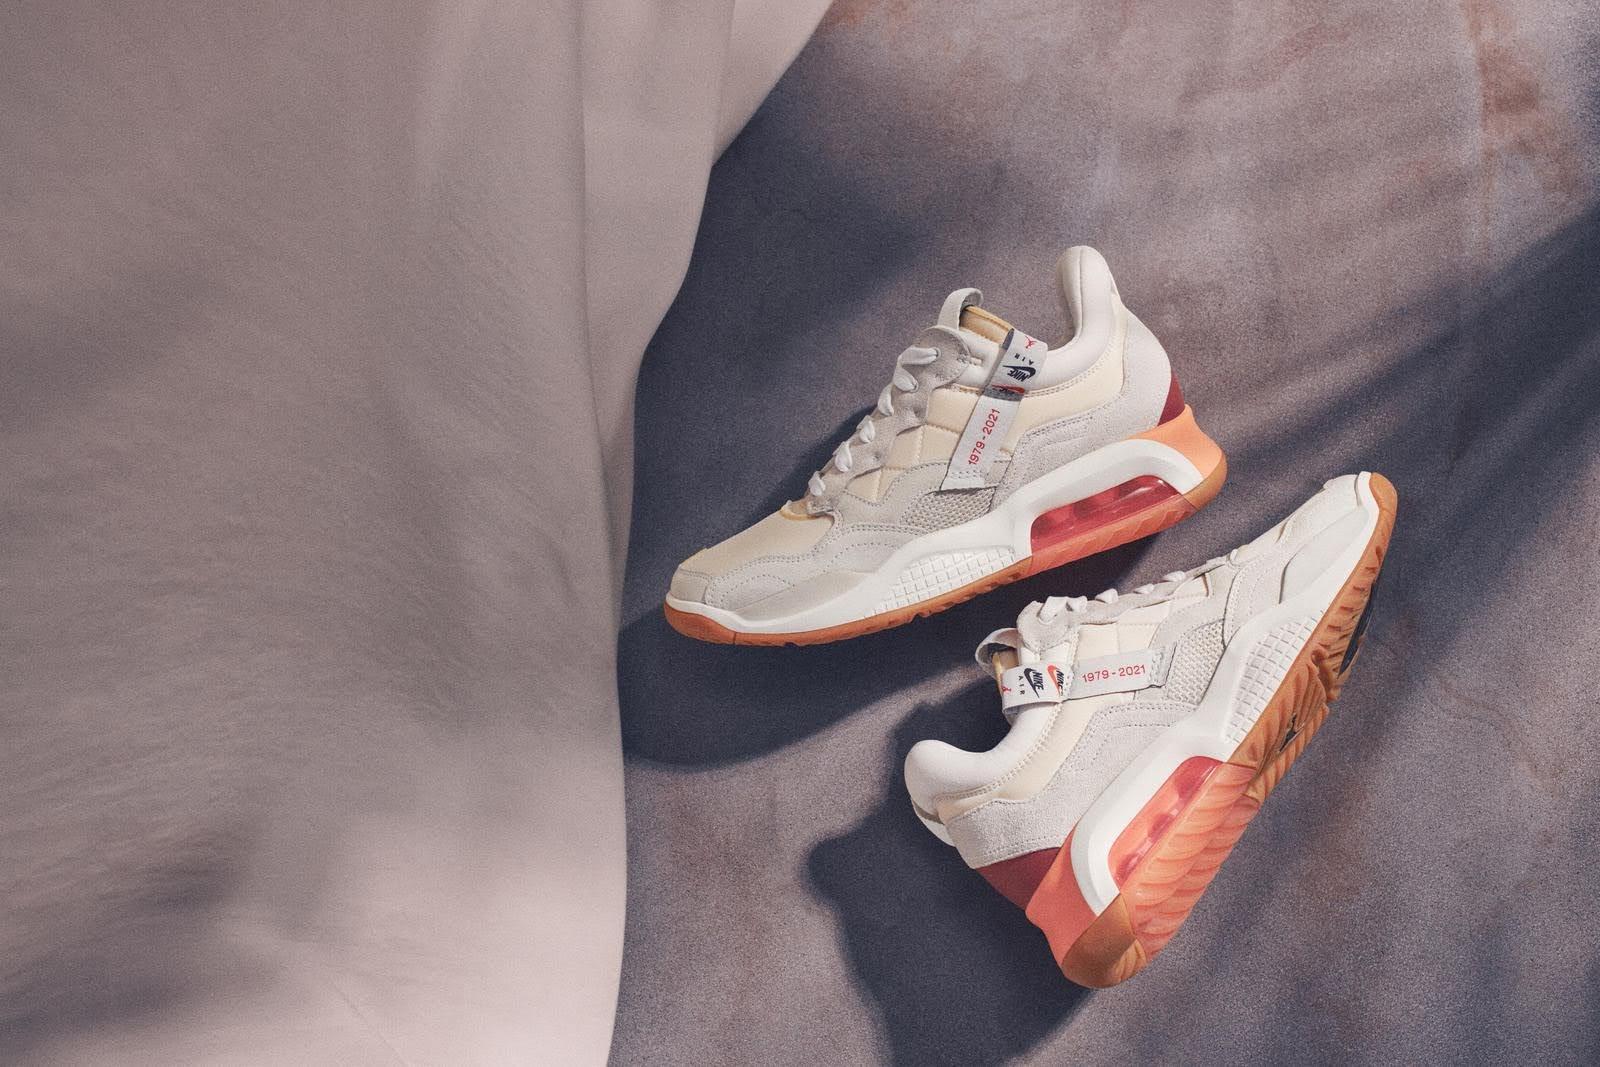 Nike-jordan-brand-ma-2-air-max-200-and-women-s-future-primal-apparel-sneaker-pair-2